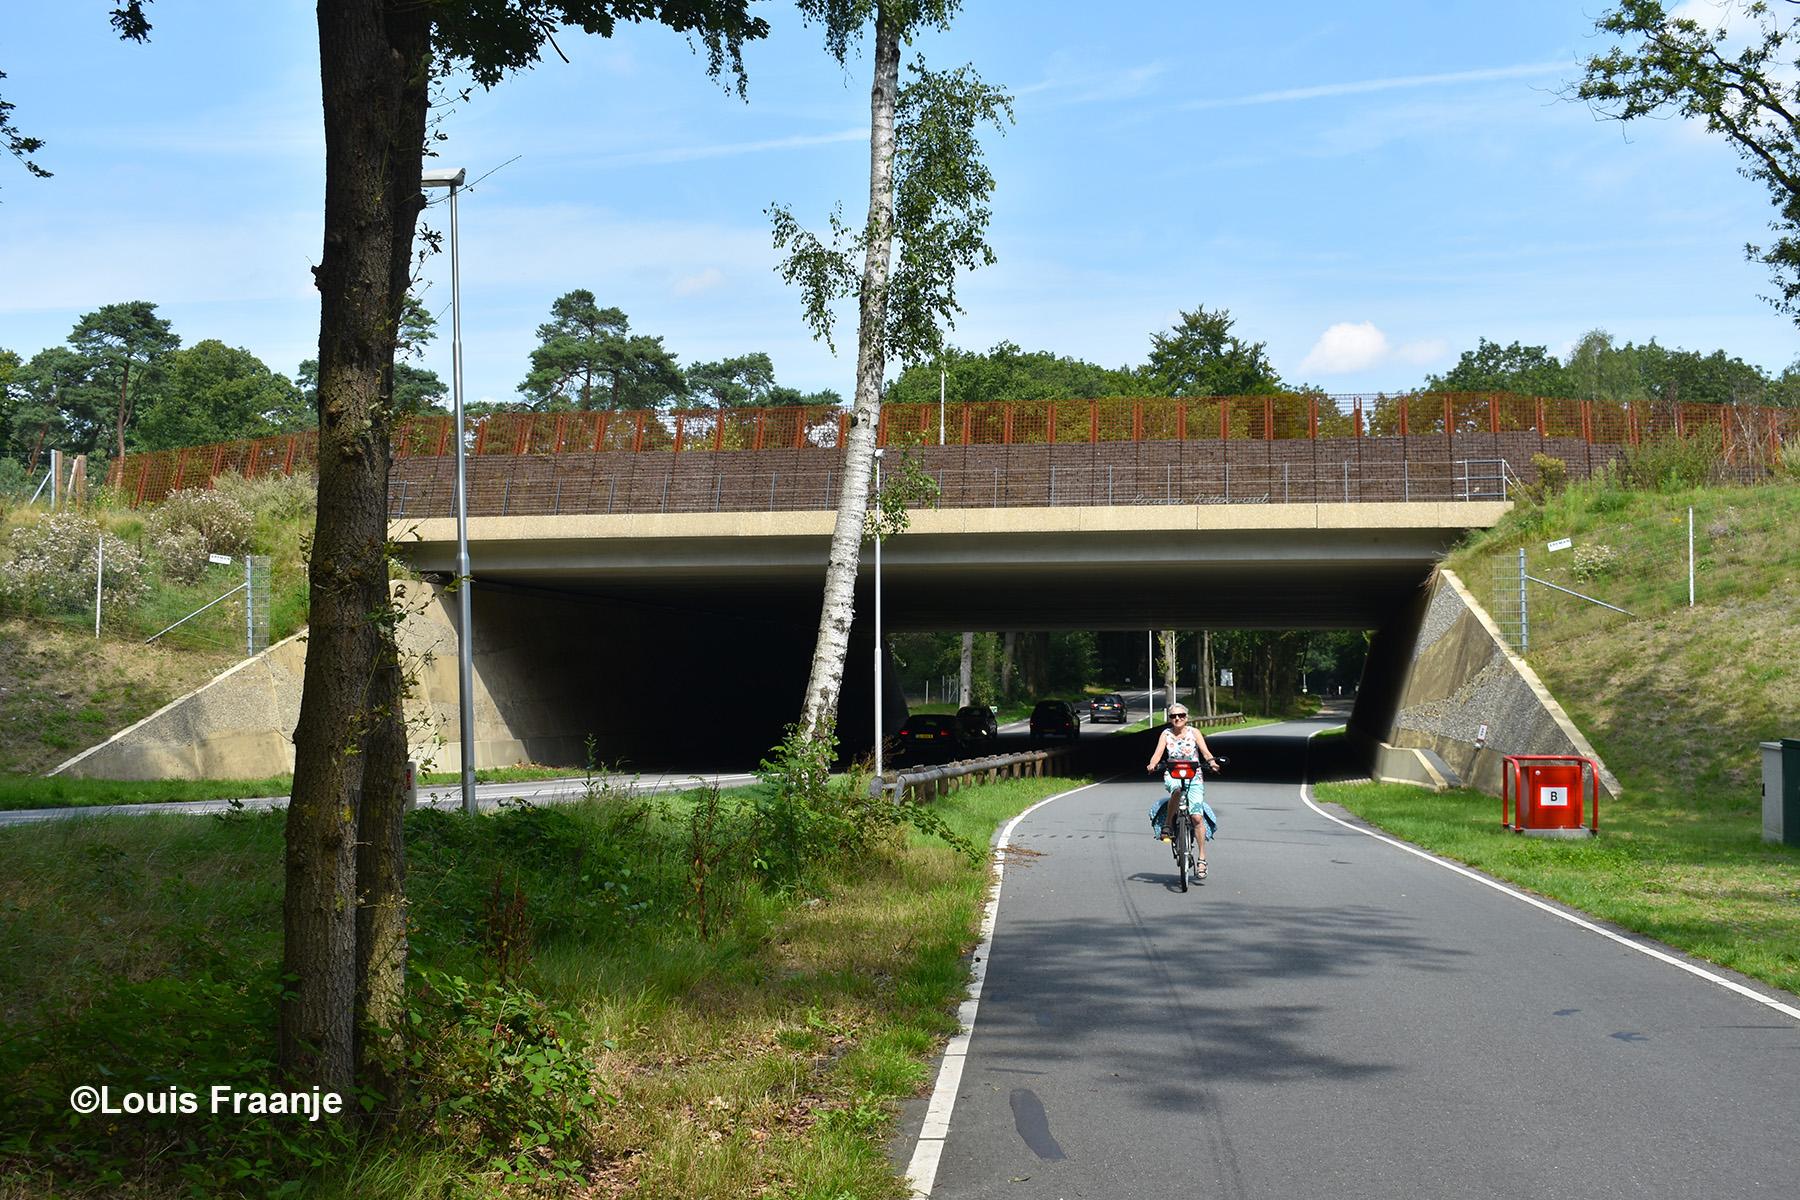 Op de provinciale weg (N227) naar Doorn ligt het ecoduct 'Renée van Notten Wissel' - Foto: ©Louis Fraanje